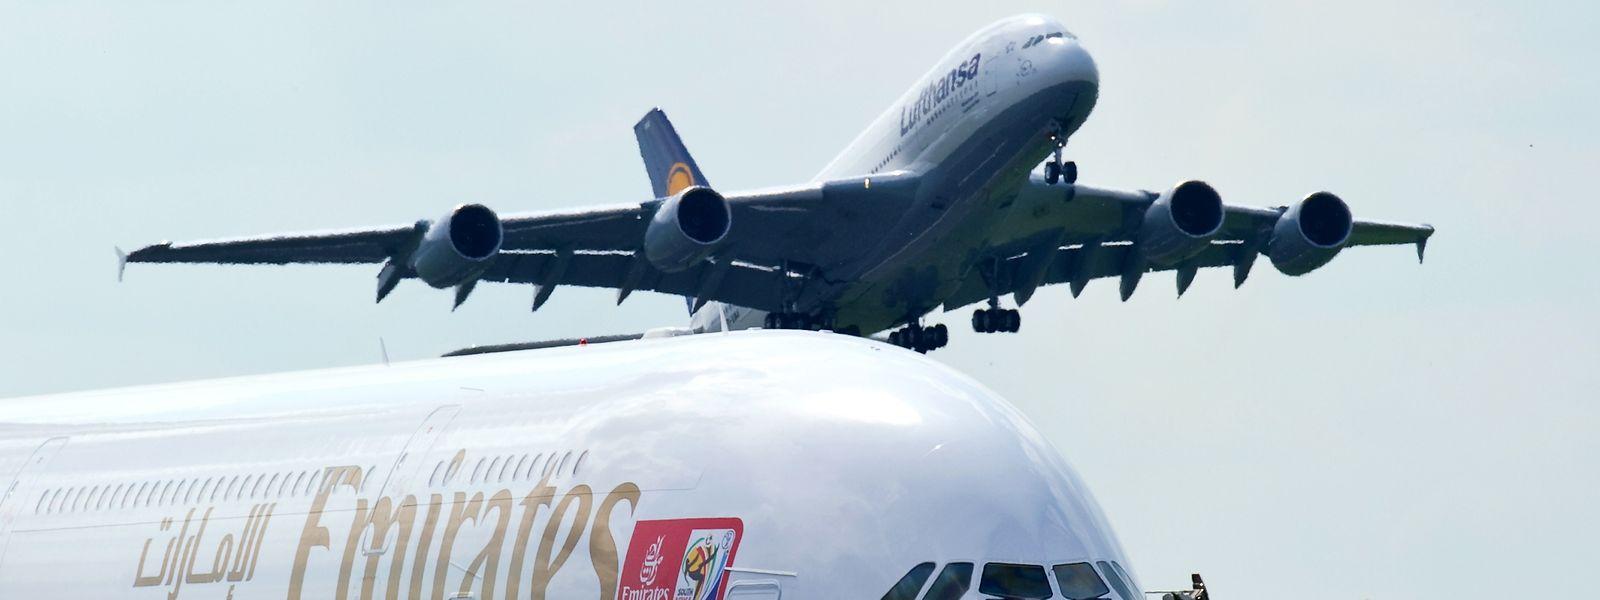 Der A380 kann auf zwei Decks bis zu 850 Passagiere befördern.